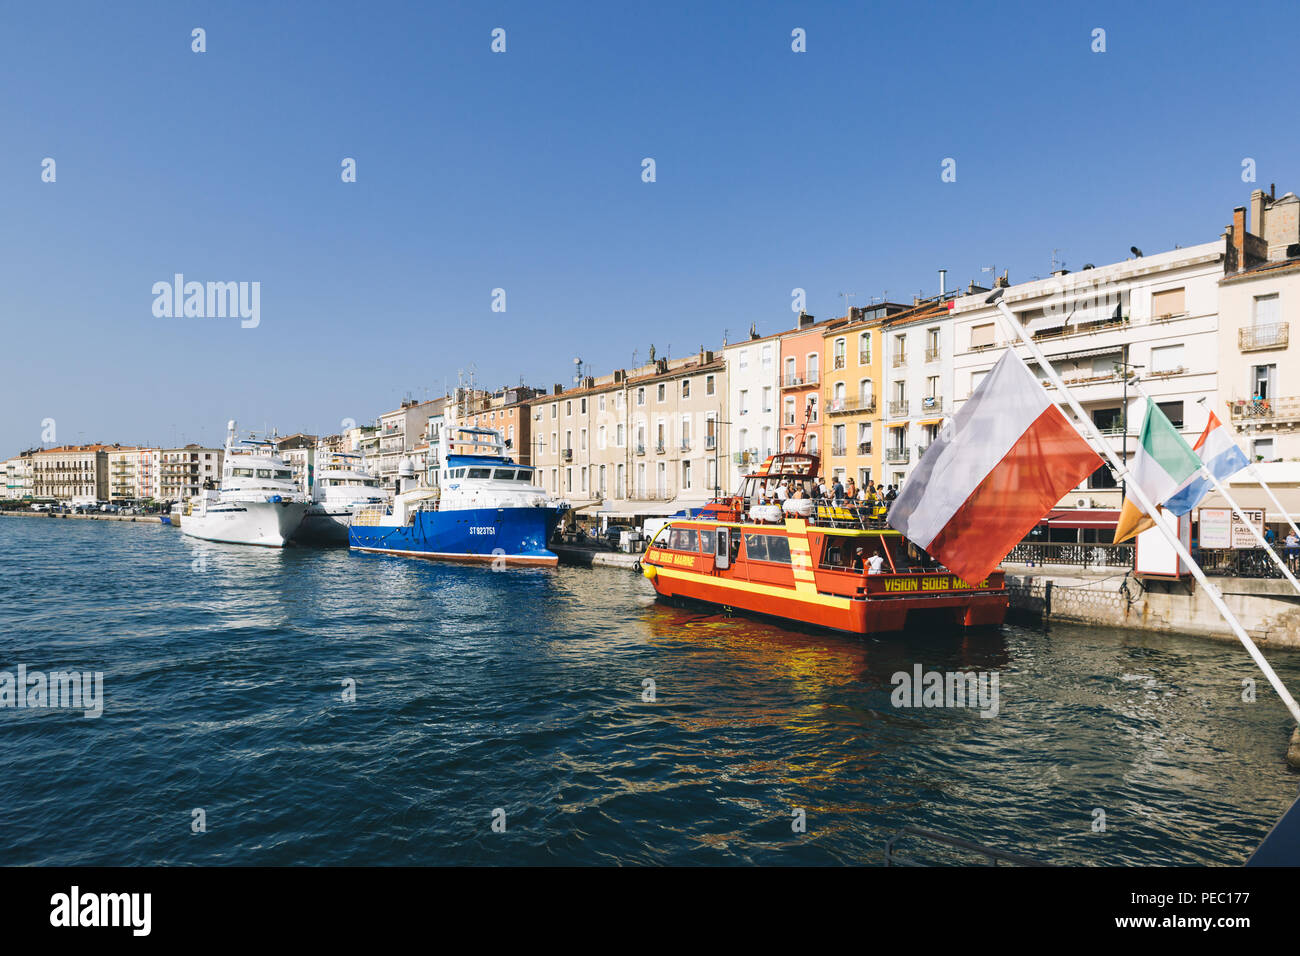 Los barcos en el puerto de la ciudad de Sete, en el sur de Francia. Foto de stock